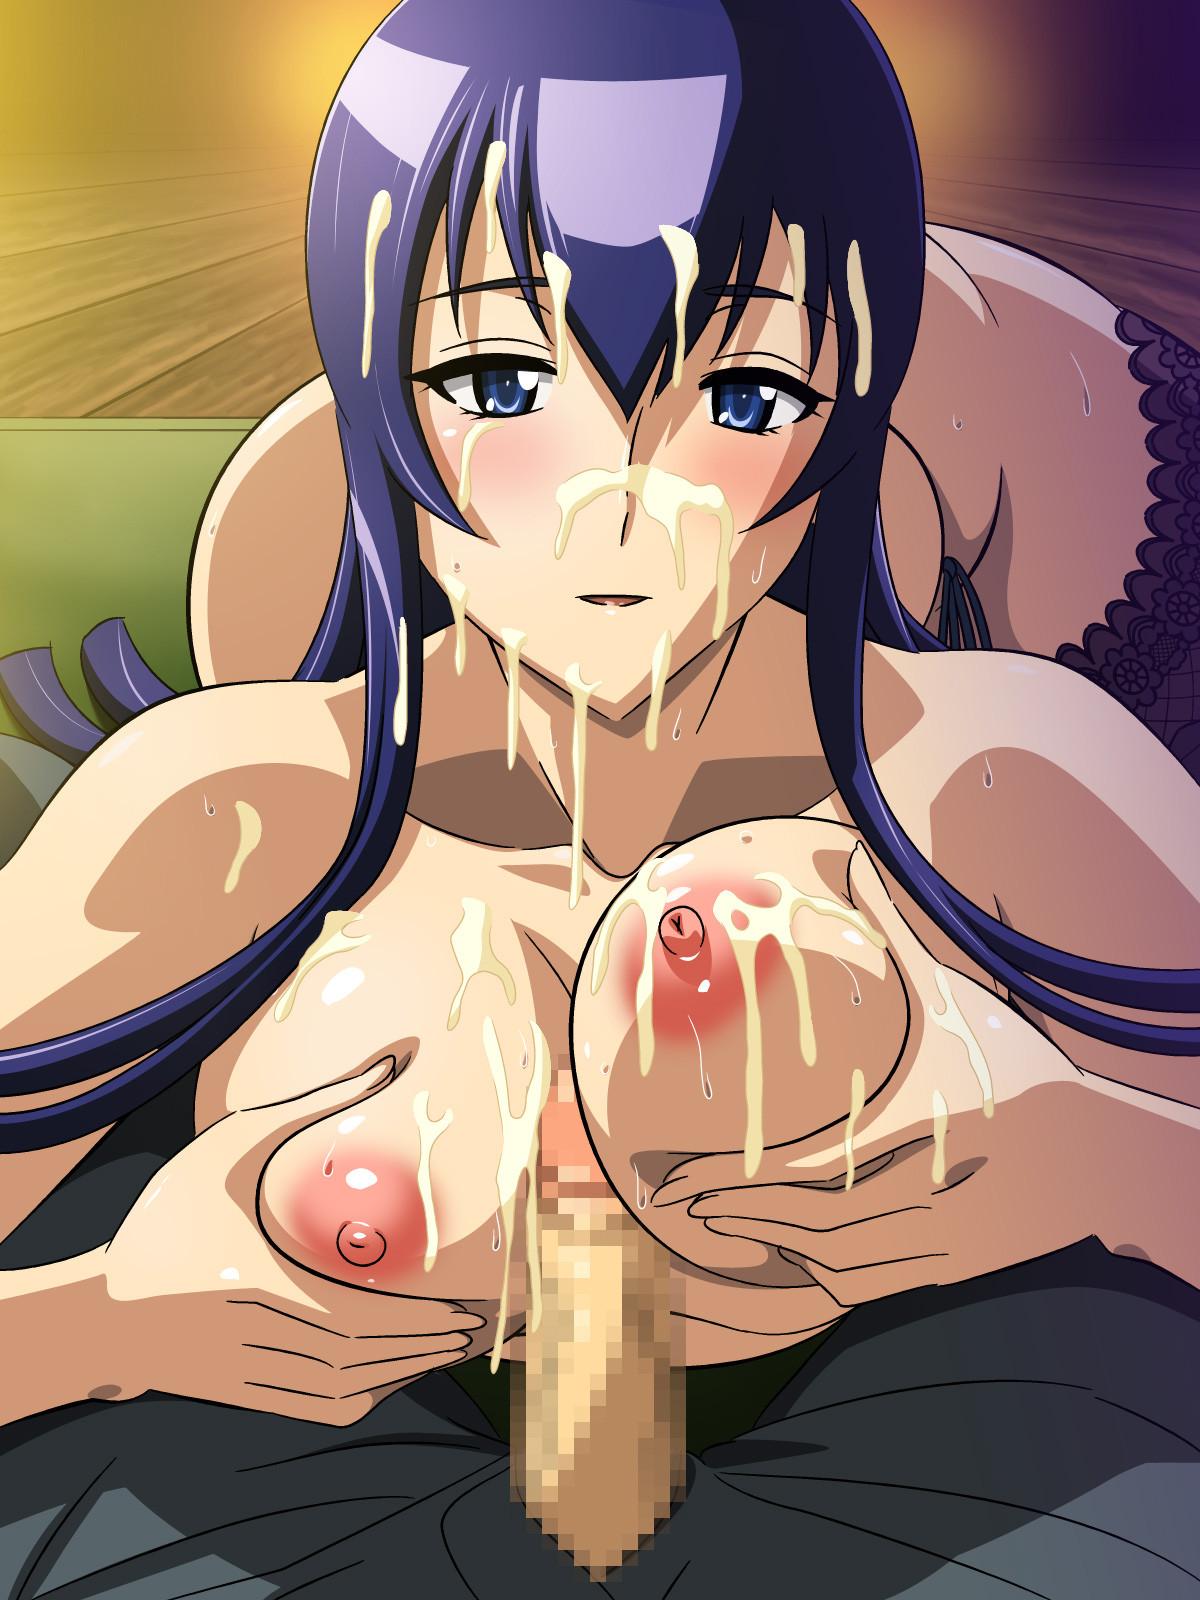 Hotd Hentai